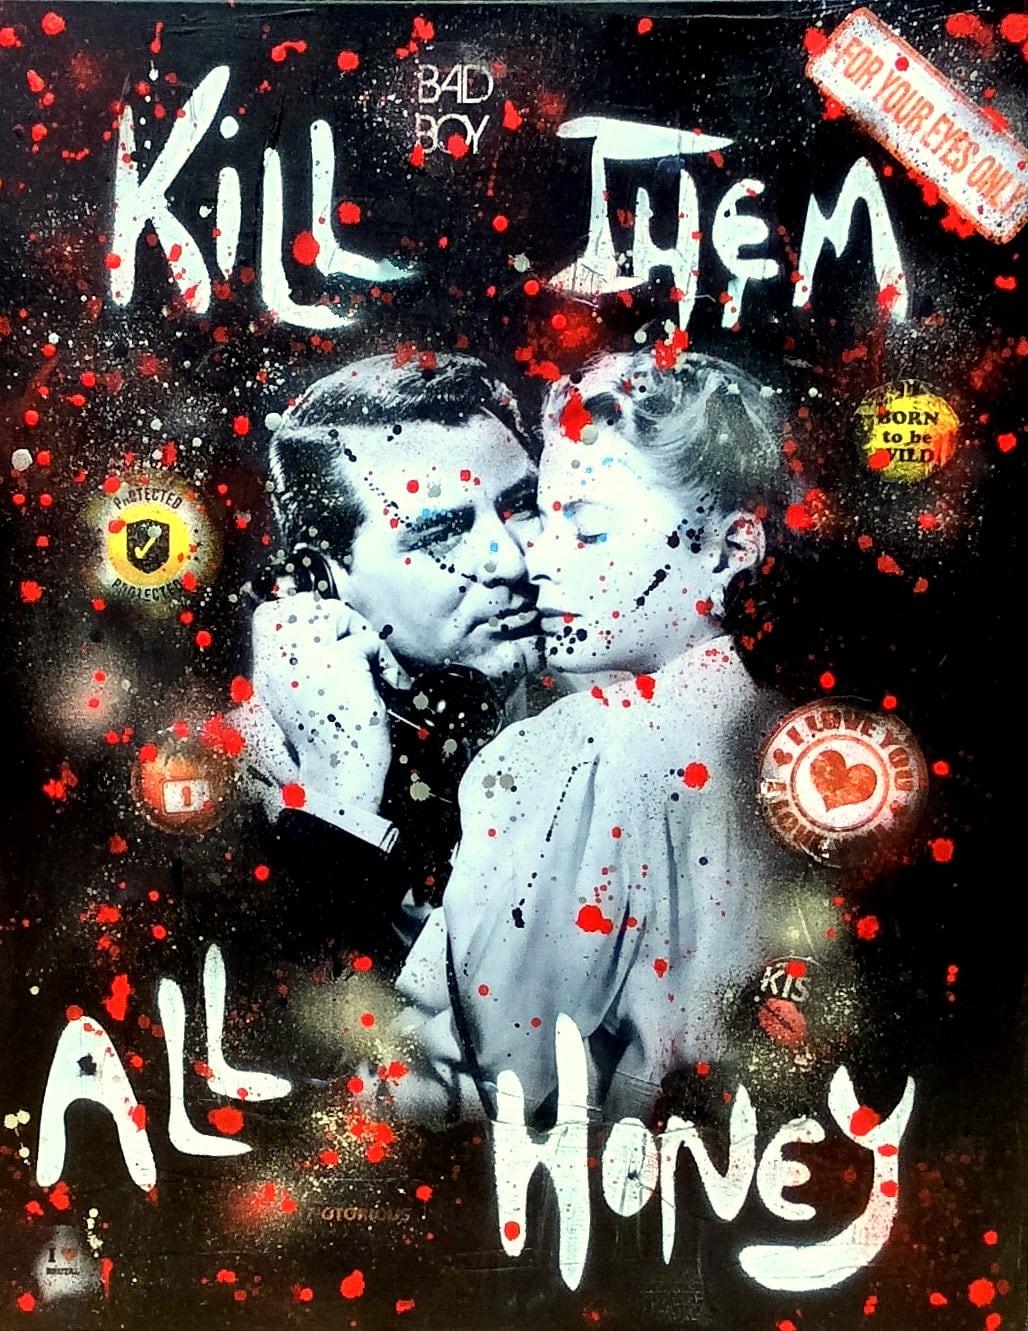 Toile peinture moderne de l'artiste Rose-Agathe sur le film Notorious de Alfred Hitchcock